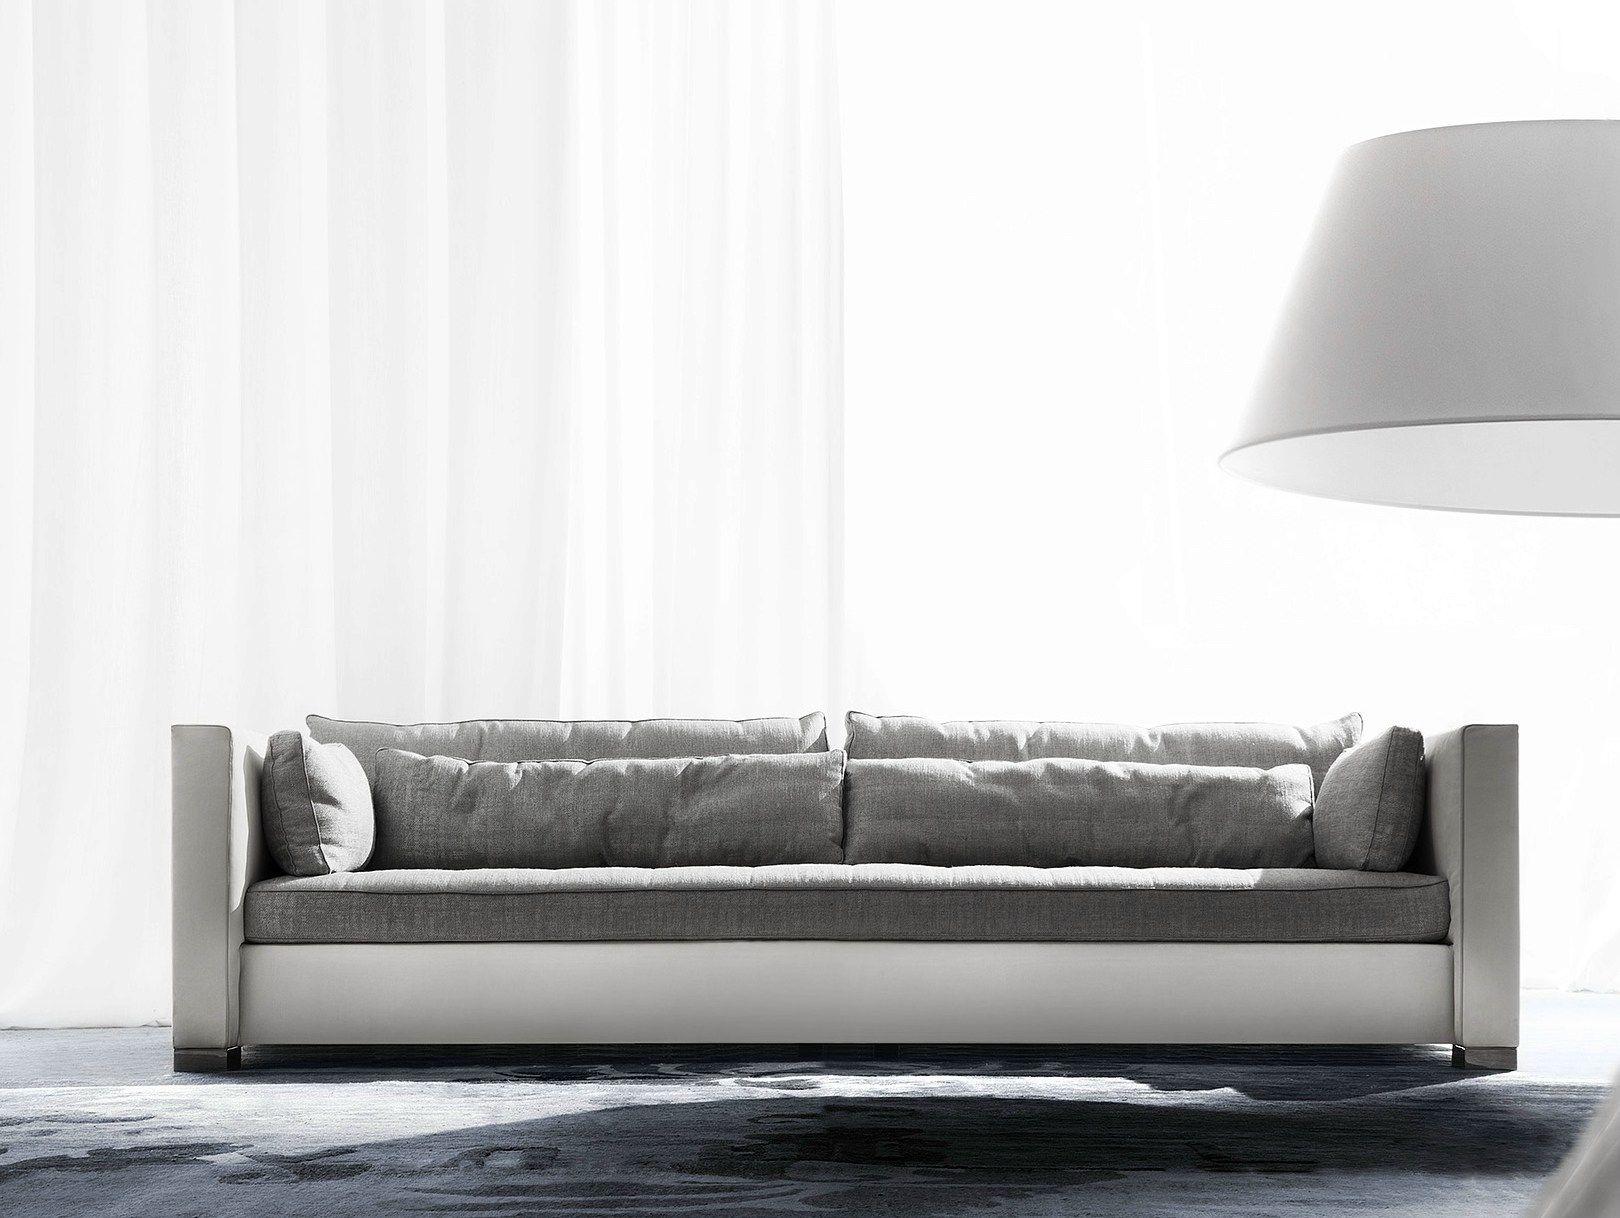 Fabric sofa ALCHIMIA by ERBA ITALIA design Giorgio Soressi